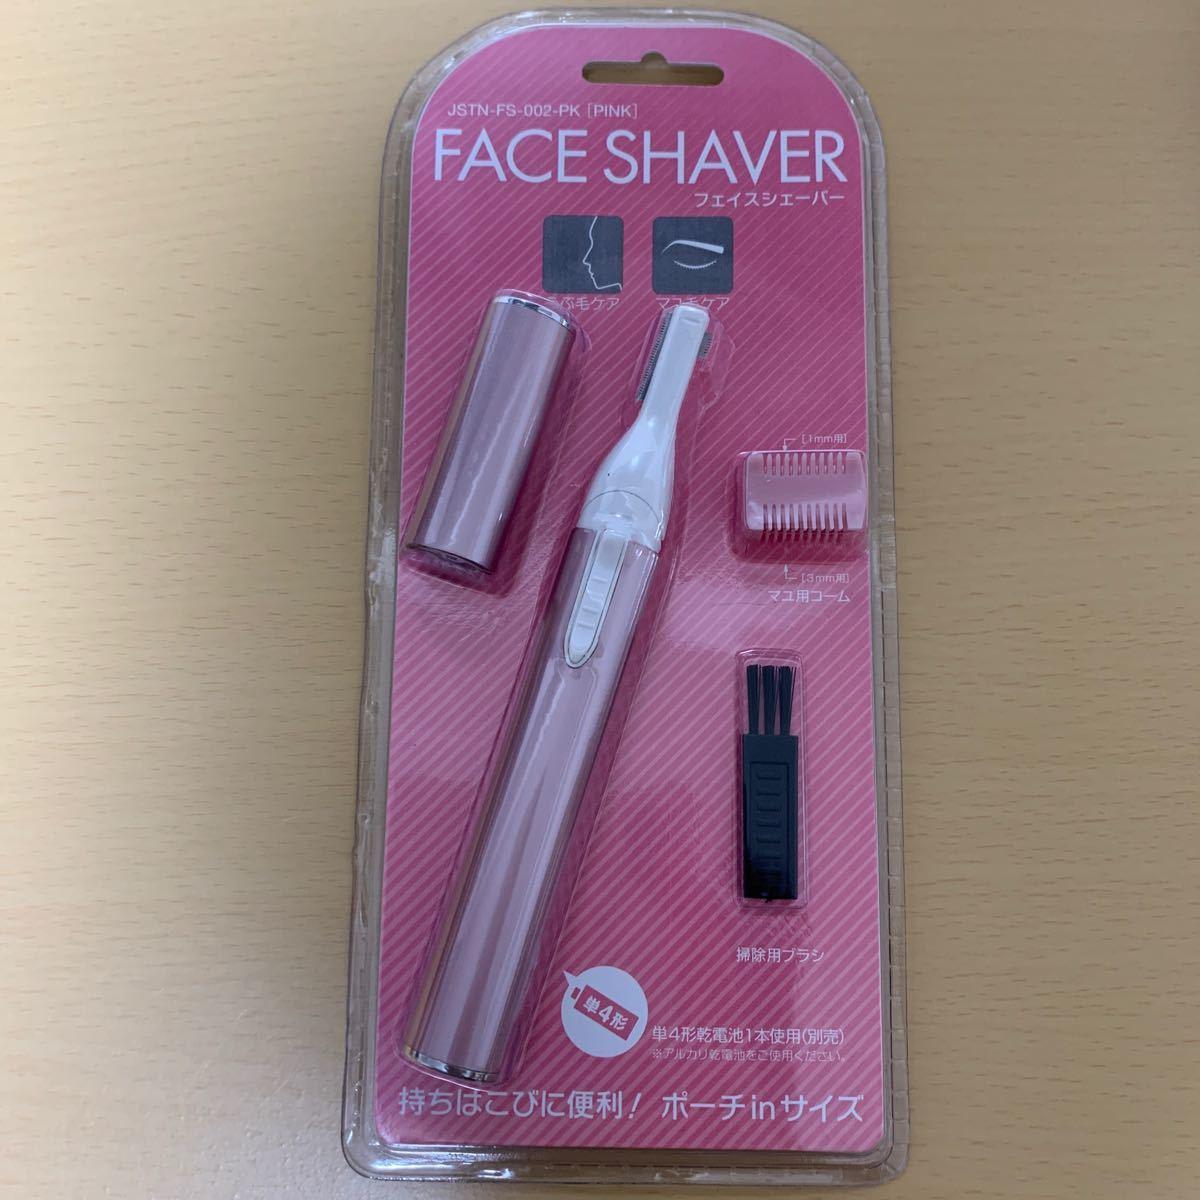 【新品・未開封】フェイスシェーバー まゆ毛ケア、うぶ毛ケア 顔剃り